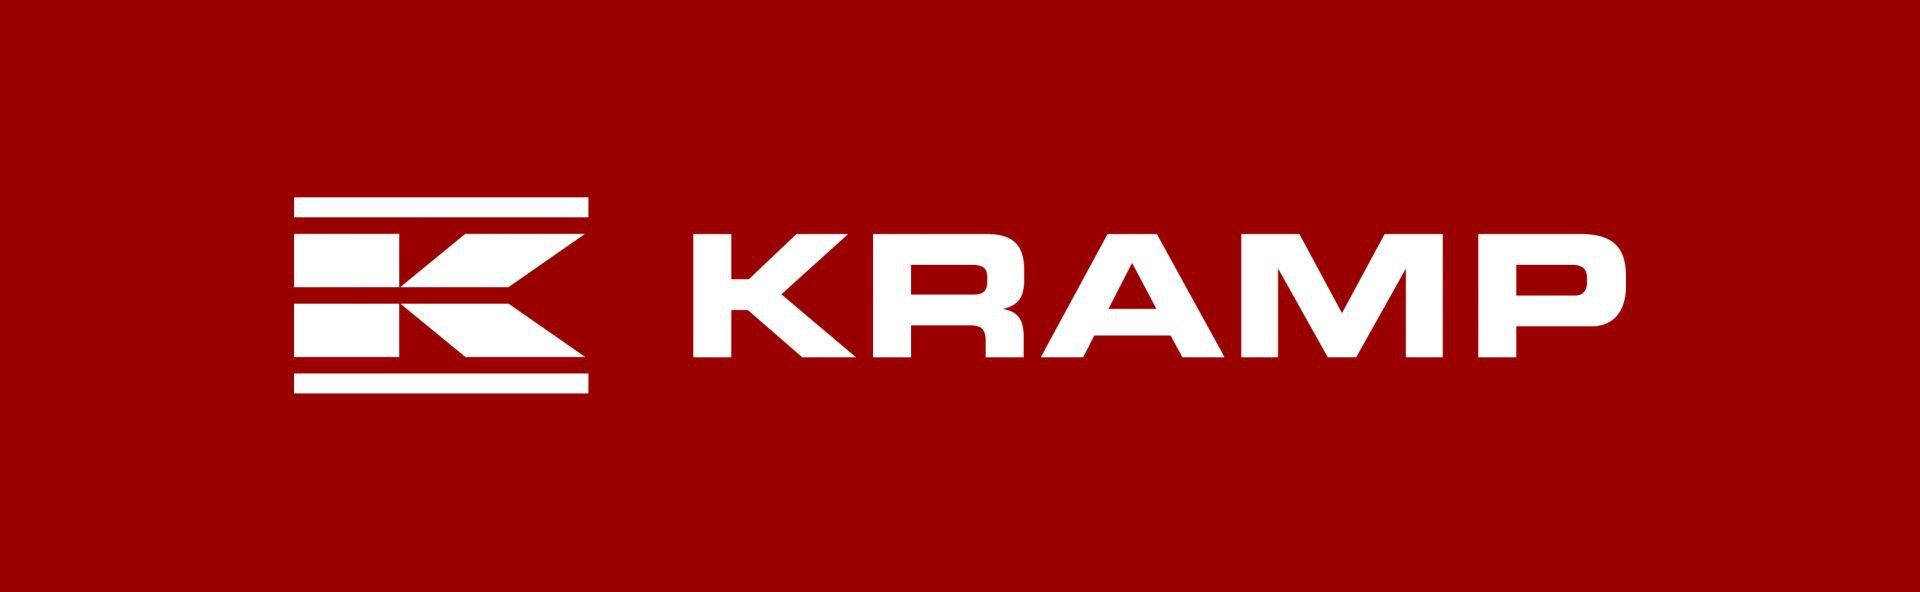 Kramp logo